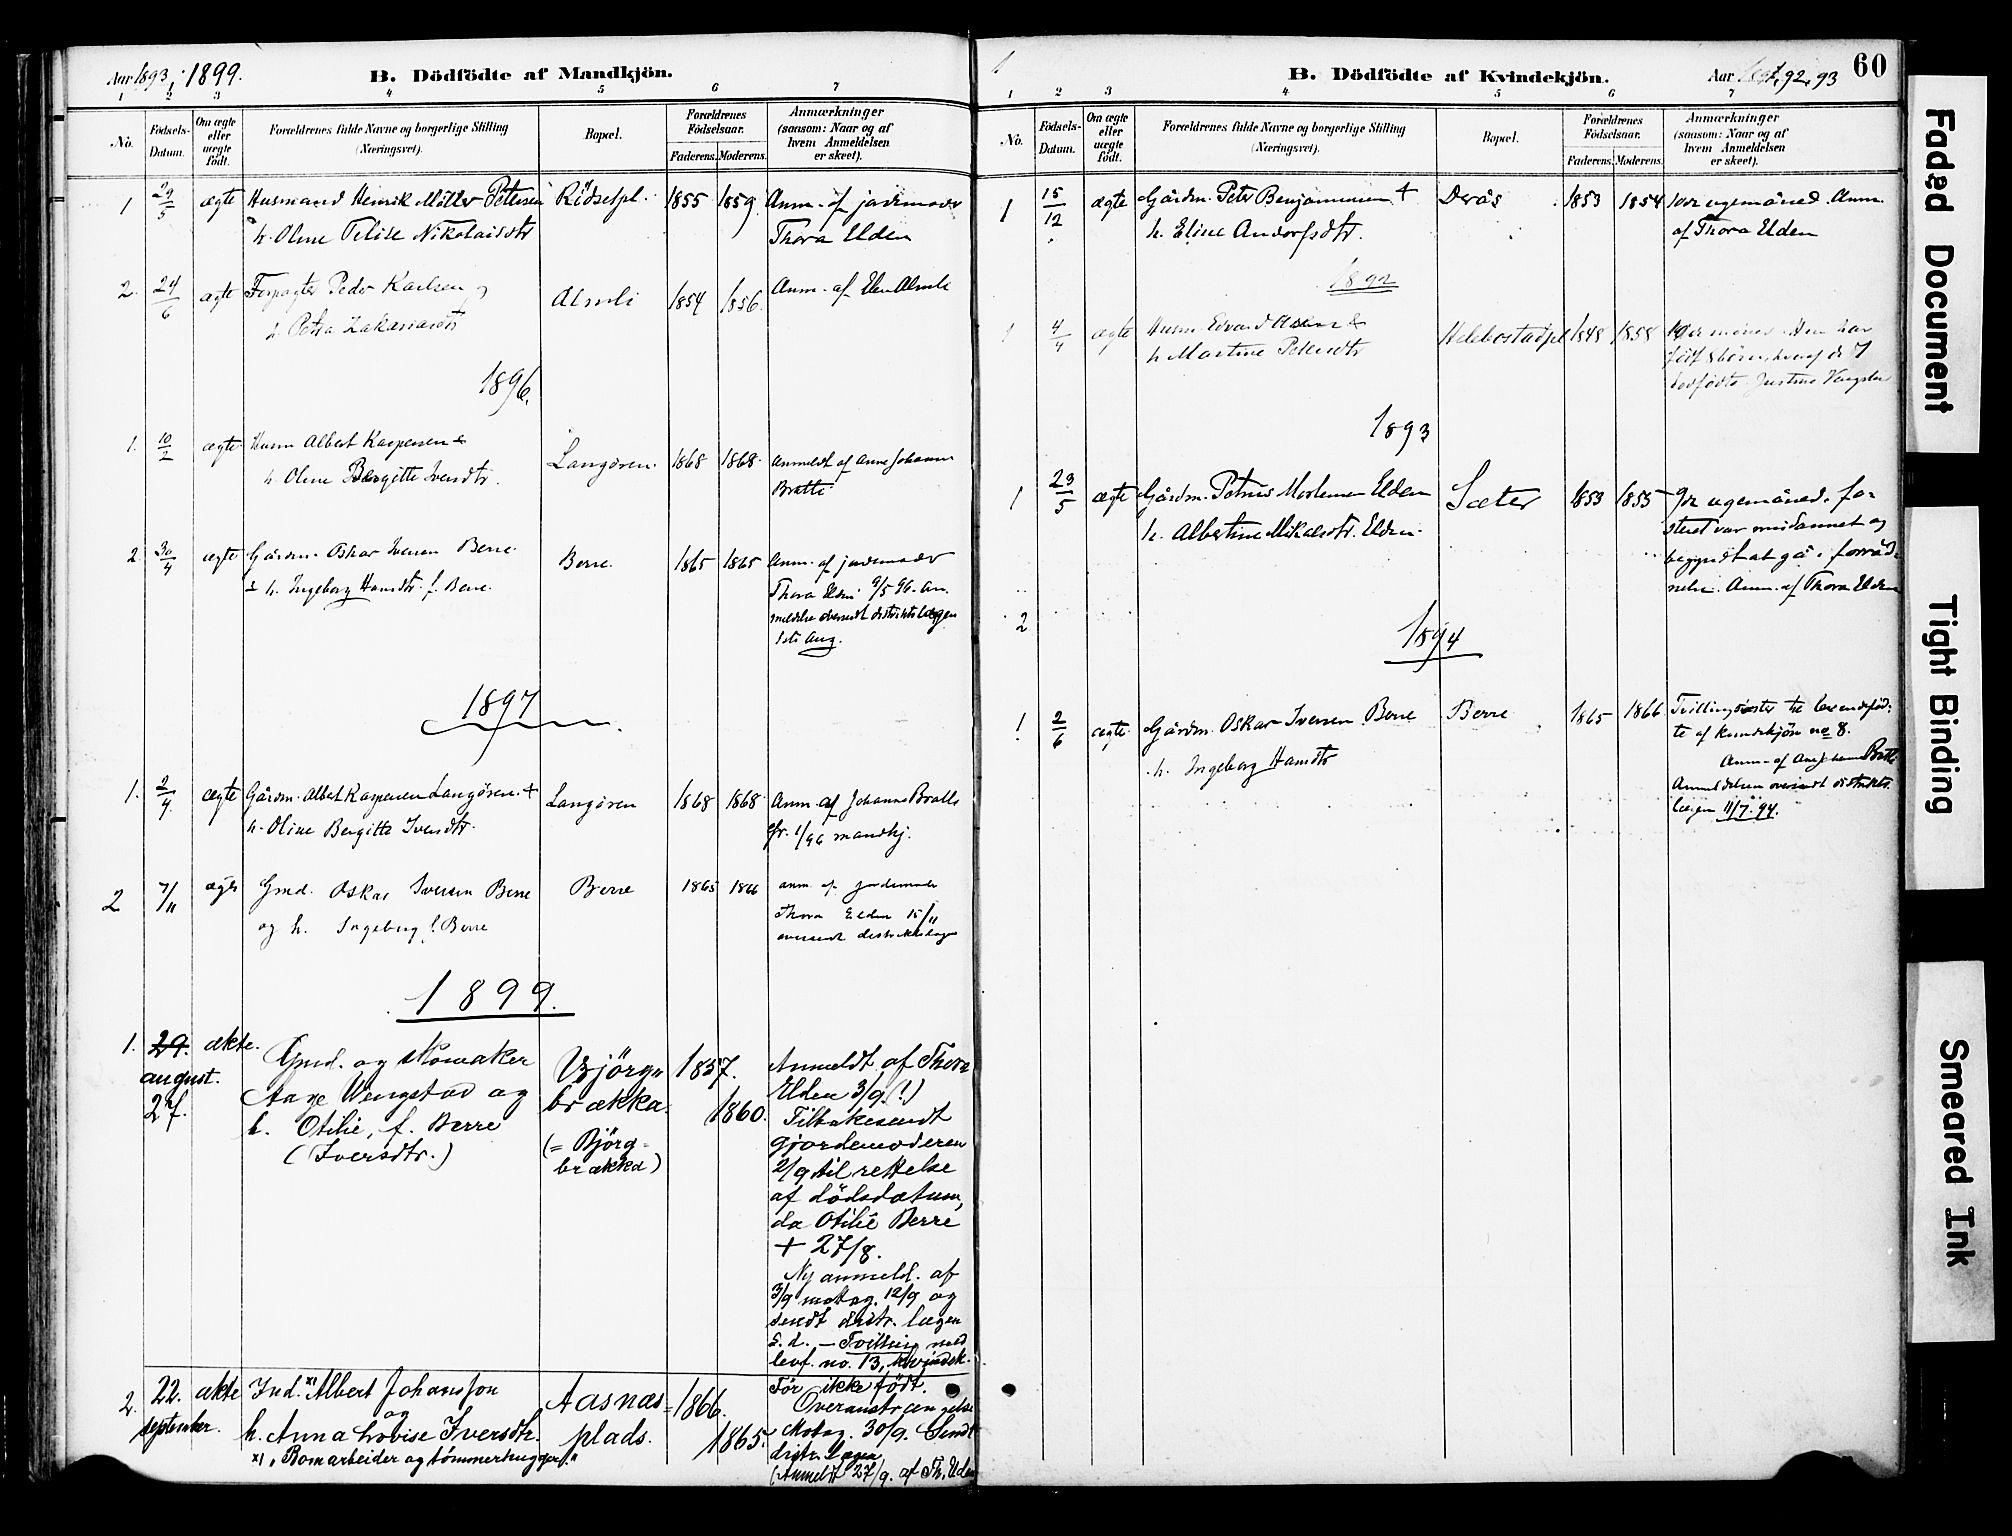 SAT, Ministerialprotokoller, klokkerbøker og fødselsregistre - Nord-Trøndelag, 742/L0409: Ministerialbok nr. 742A02, 1891-1905, s. 60